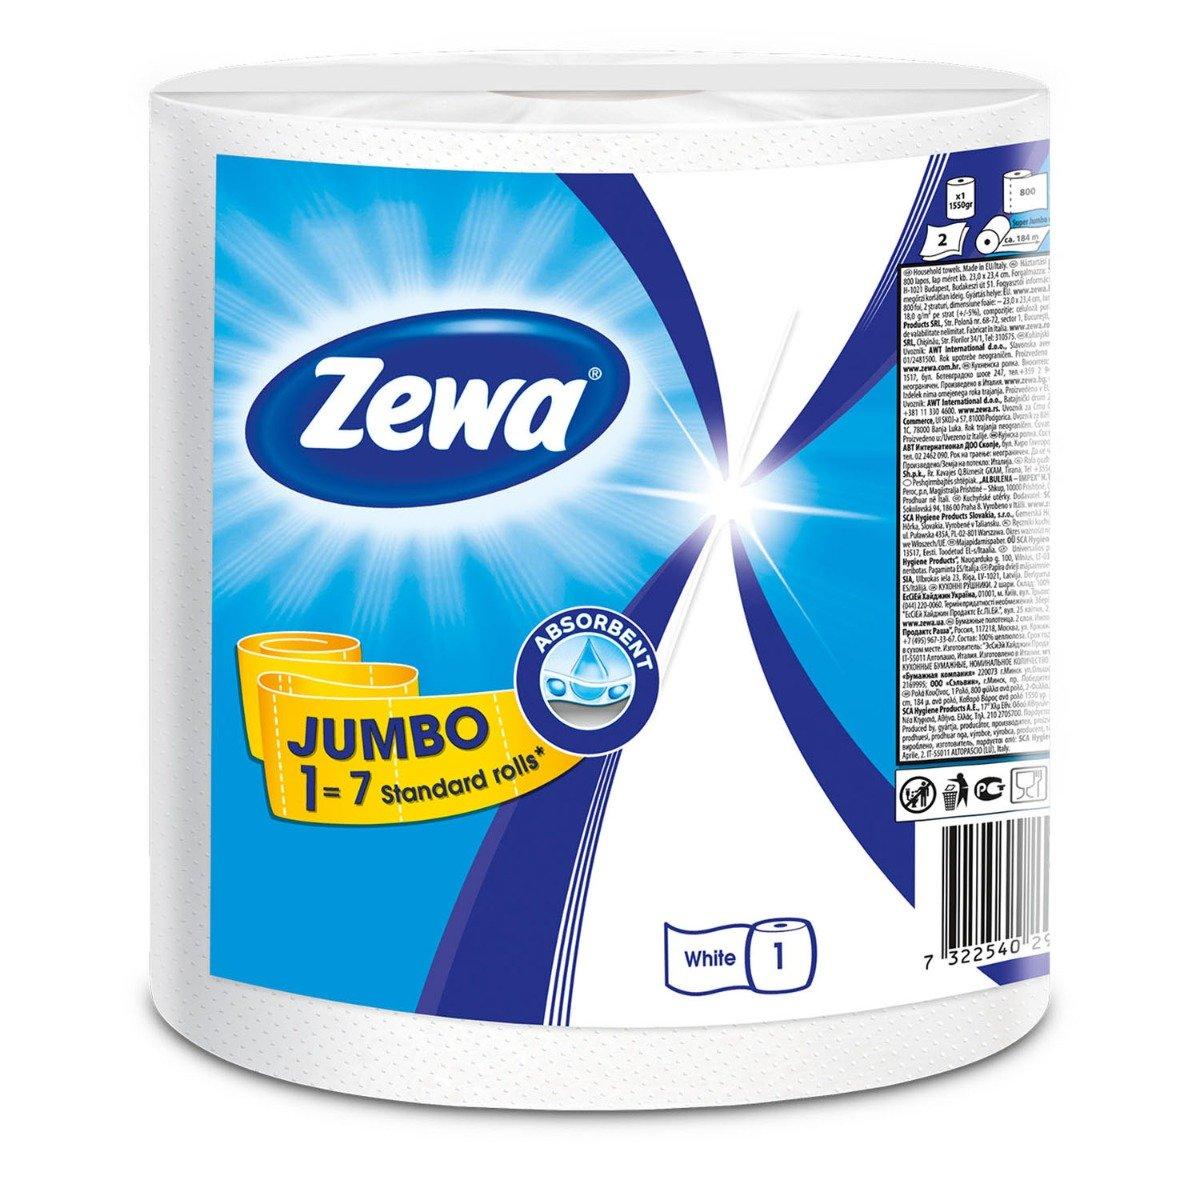 Monorola Zewa Jumbo Standard, 2 straturi, 325 foi imagine